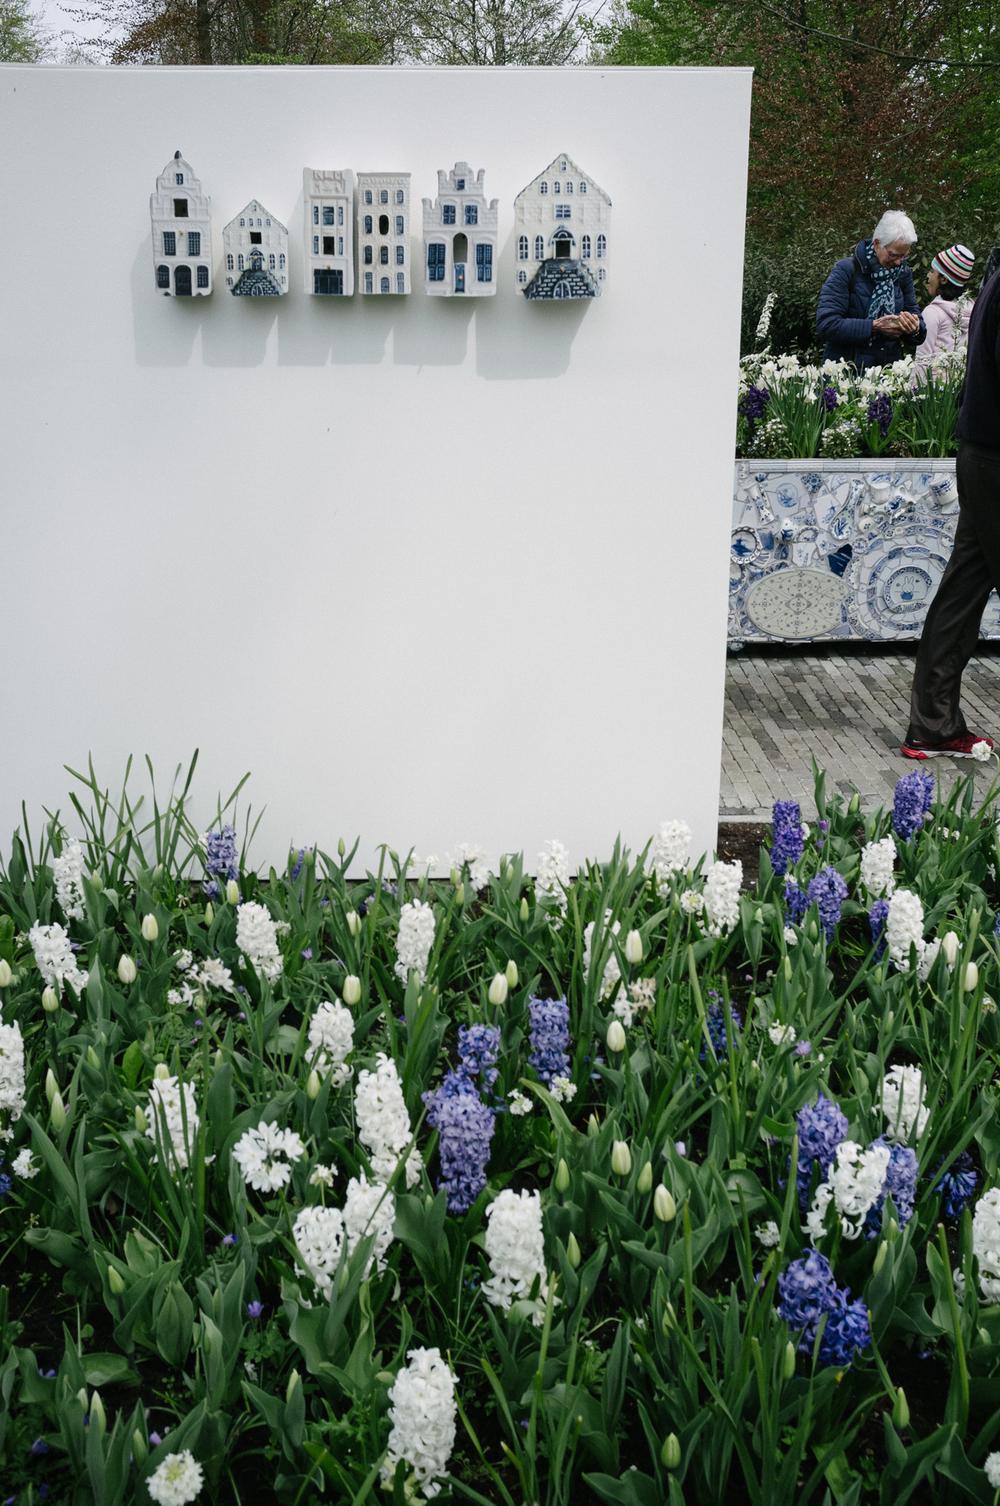 Keukenhof Gardens / Delft Garden / Fuji X100